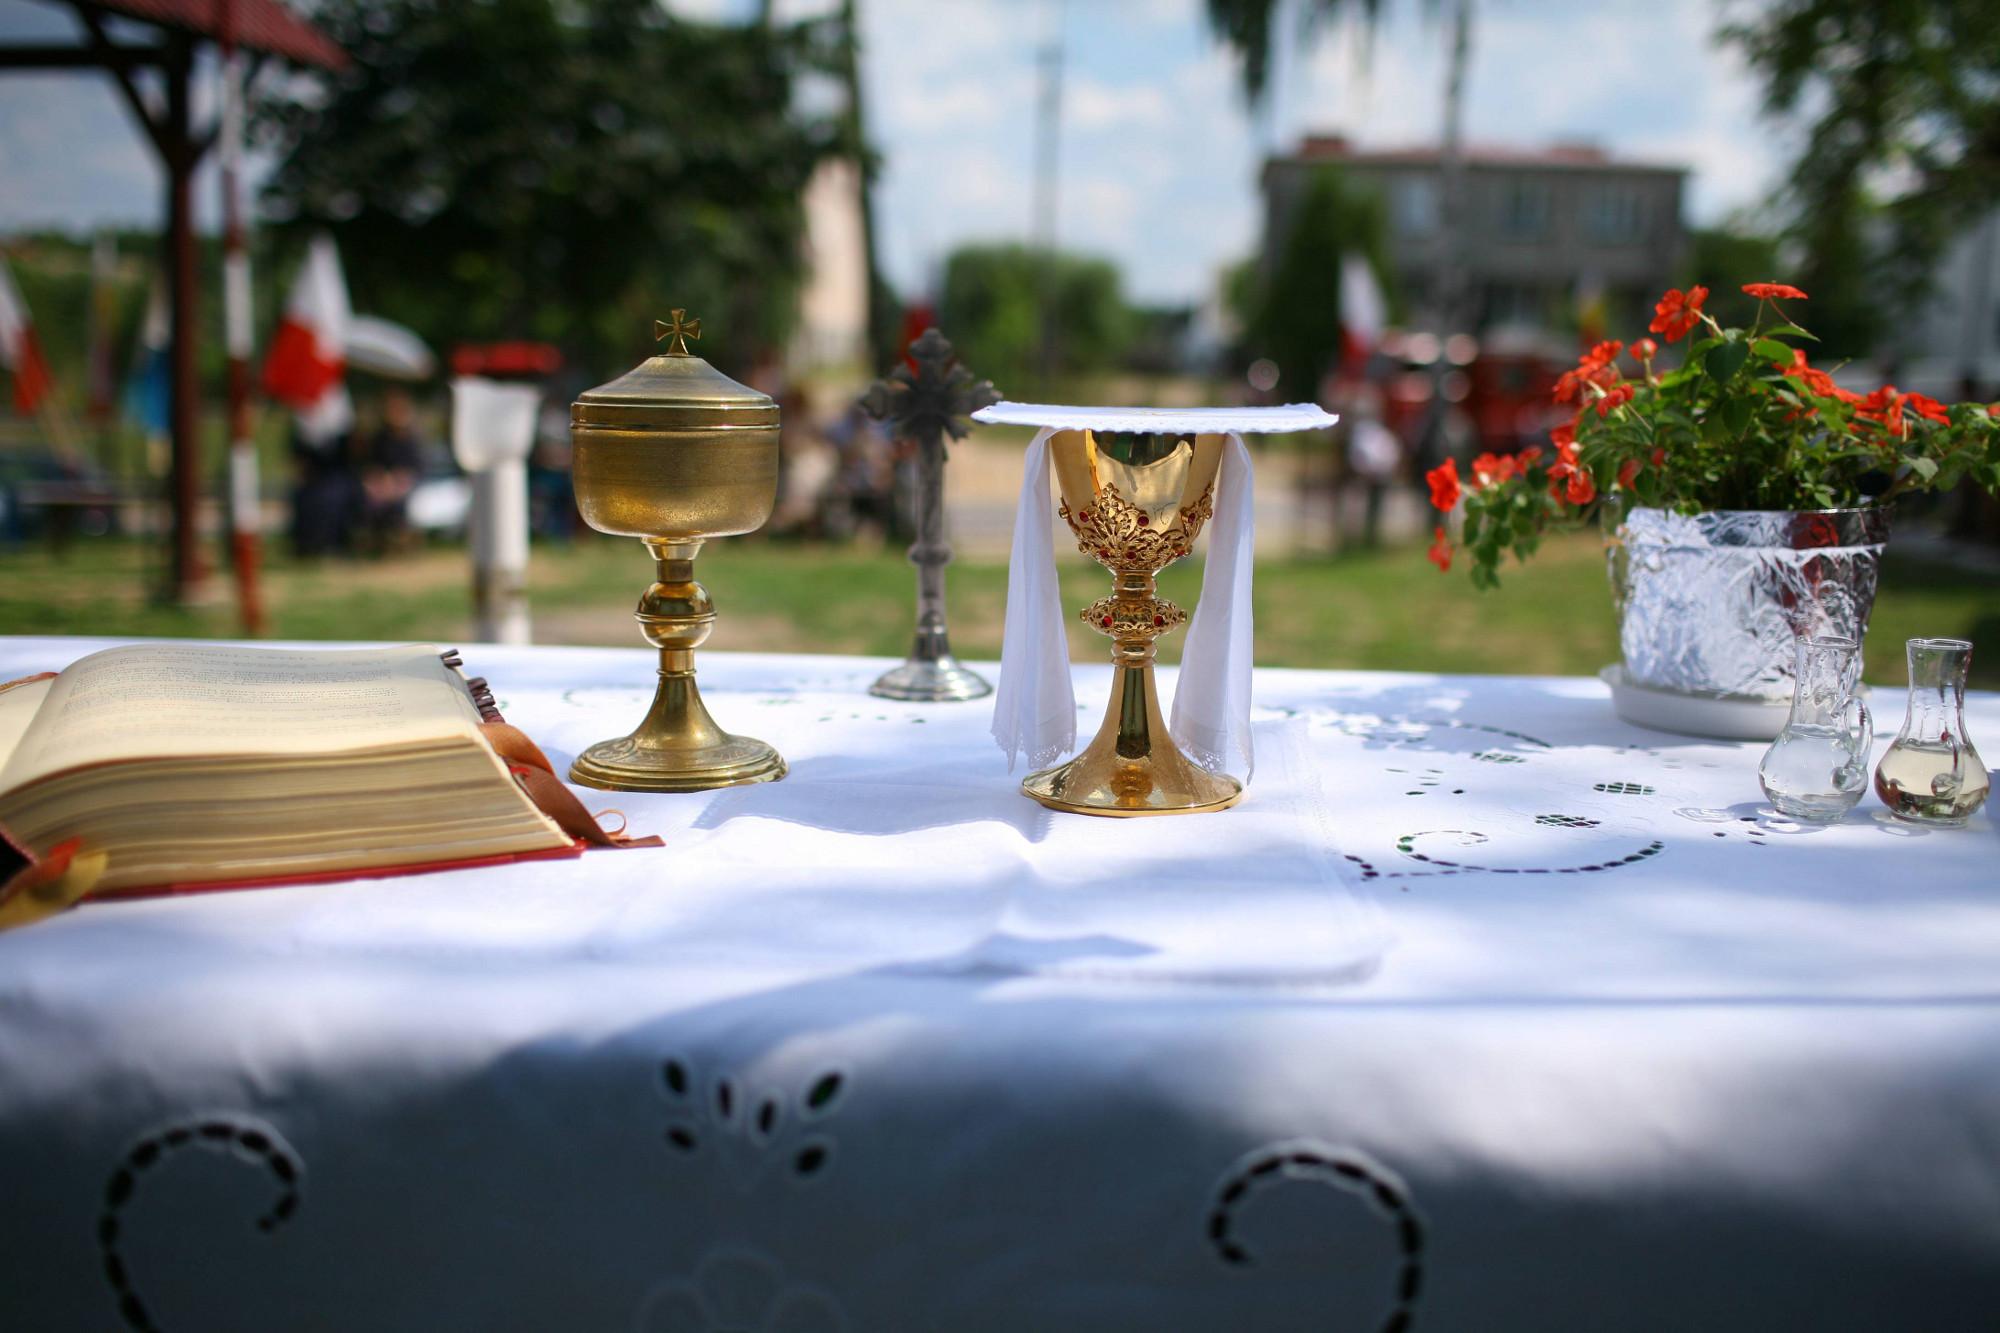 Katolikami jest 92 proc. Polaków, ale tylko 39 proc. z nich deklaruje regularne uczestnictwo w niedzielnej mszy świętej (fot. Grzegorz Dąbrowski / Agencja Gazeta)